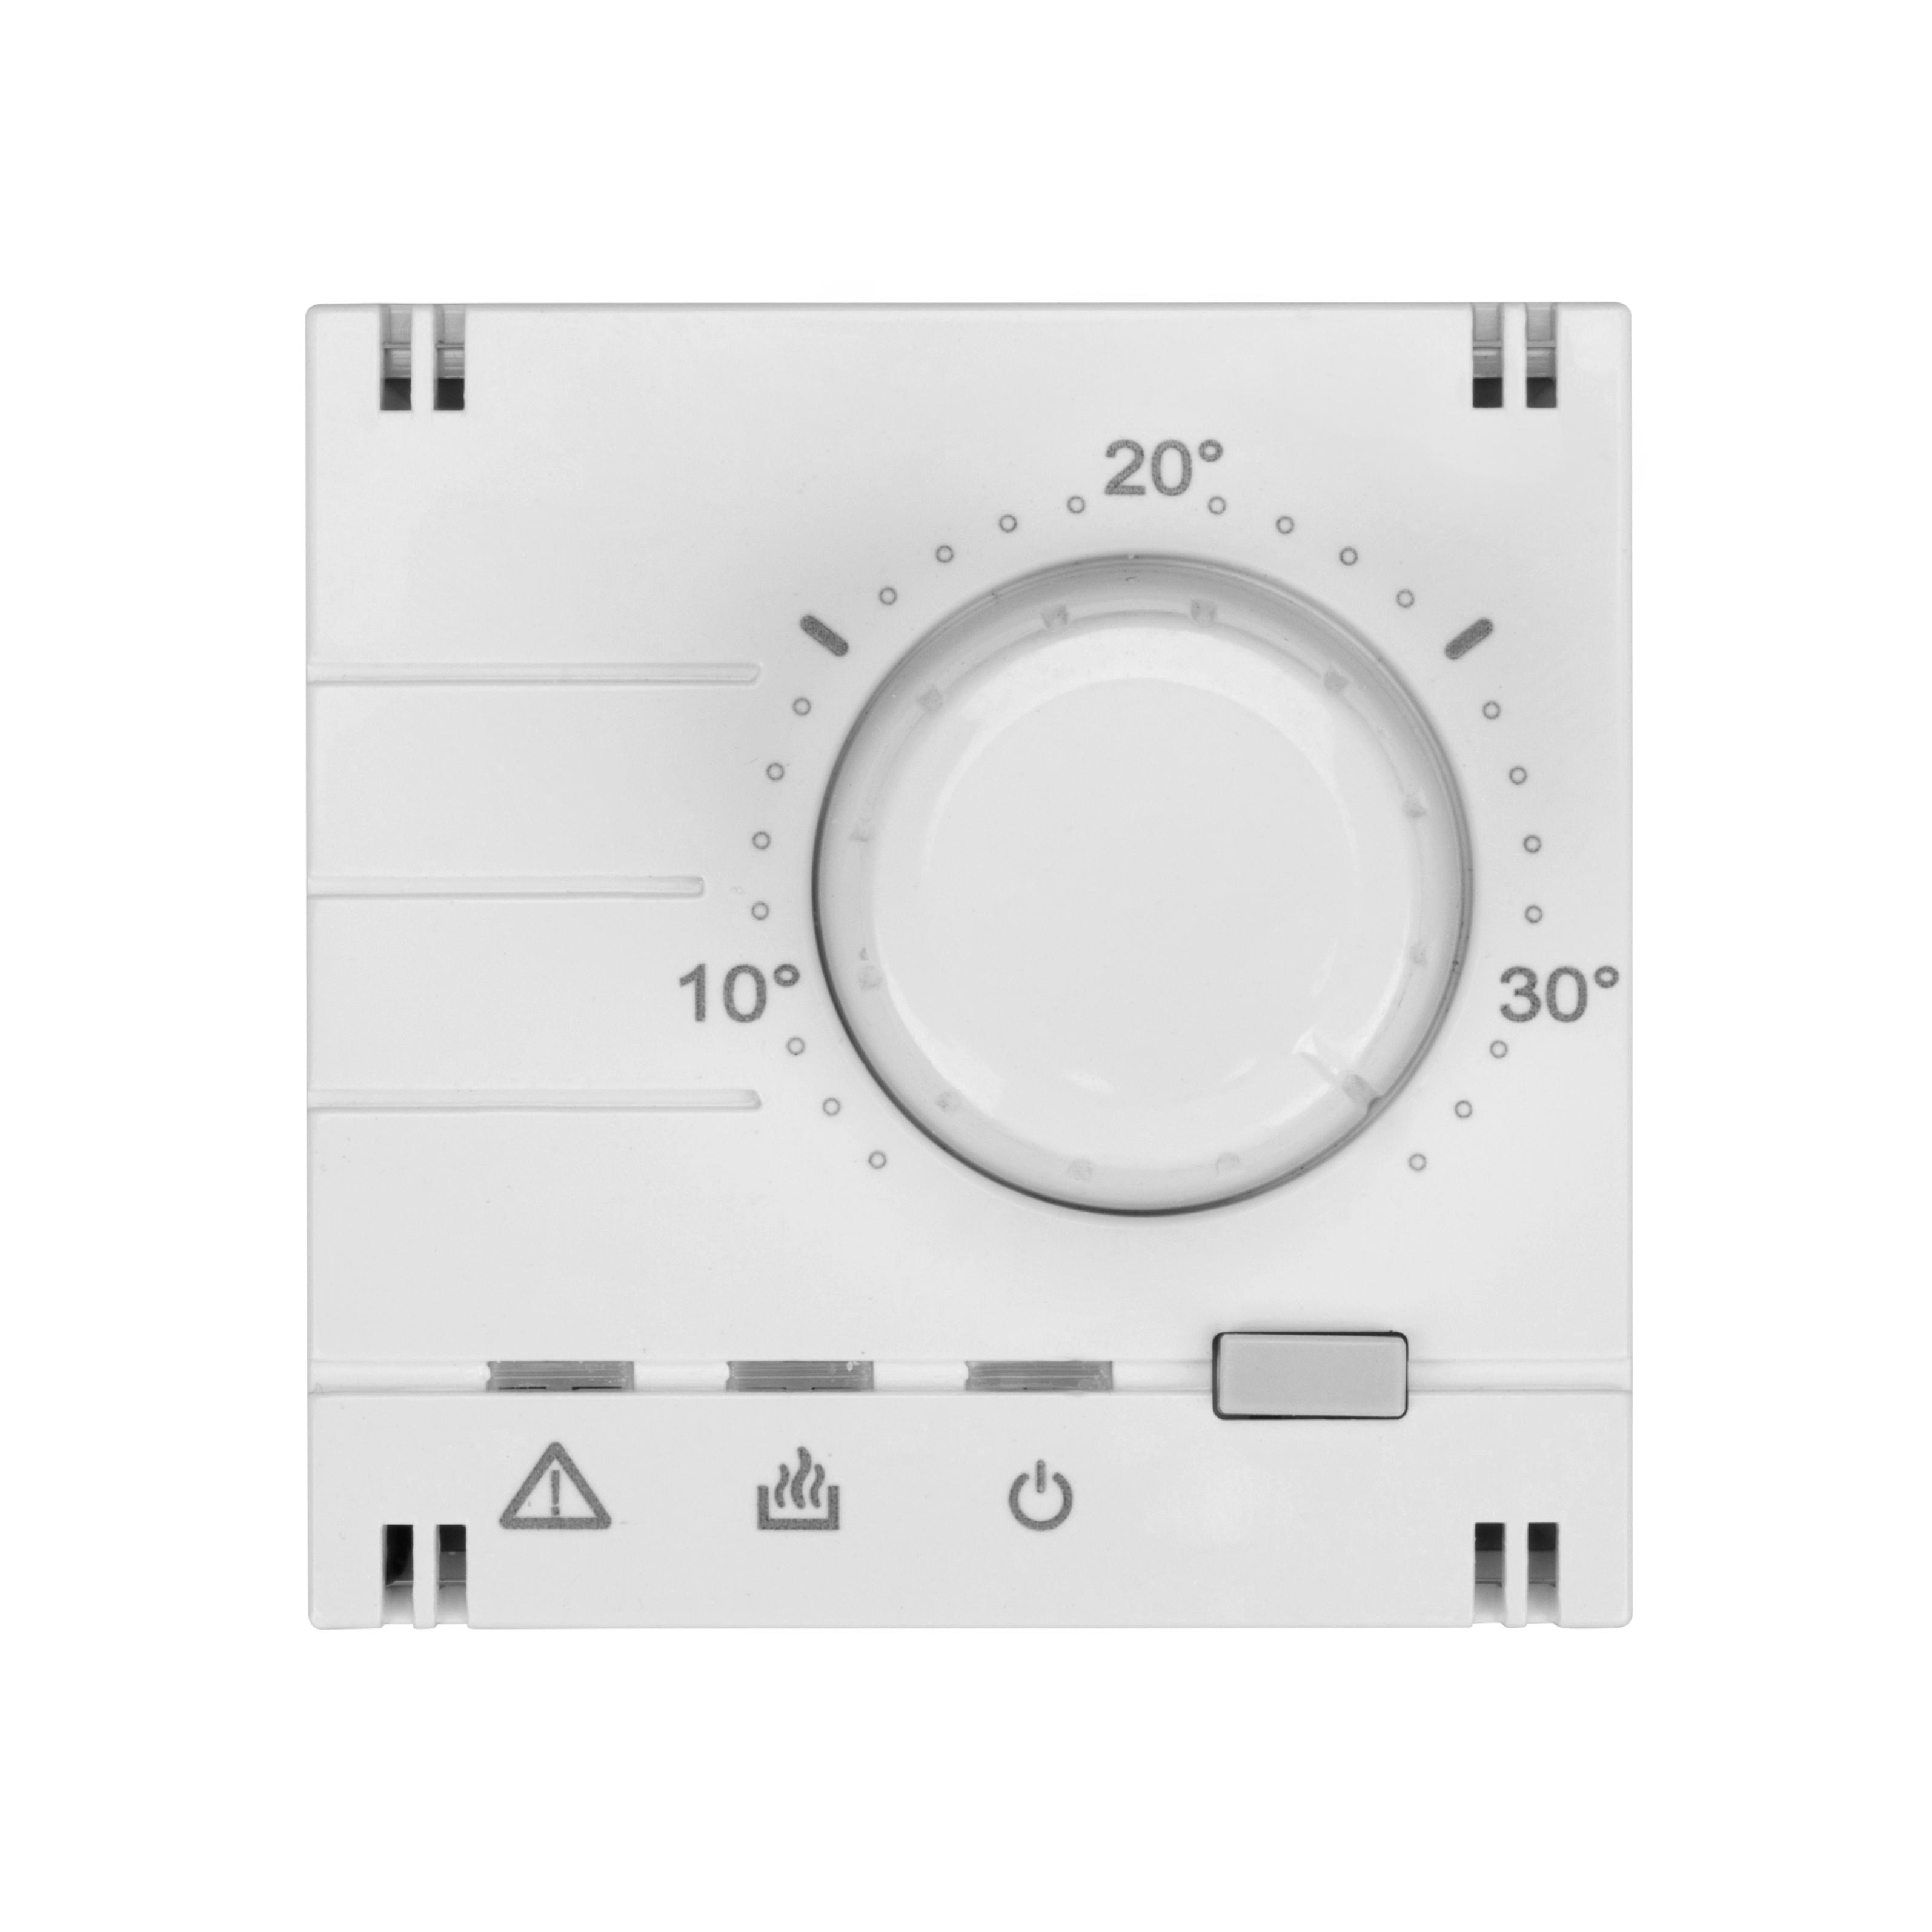 1 Stk analoger Raumthermostat-Aufsatz, weiß EV103011--